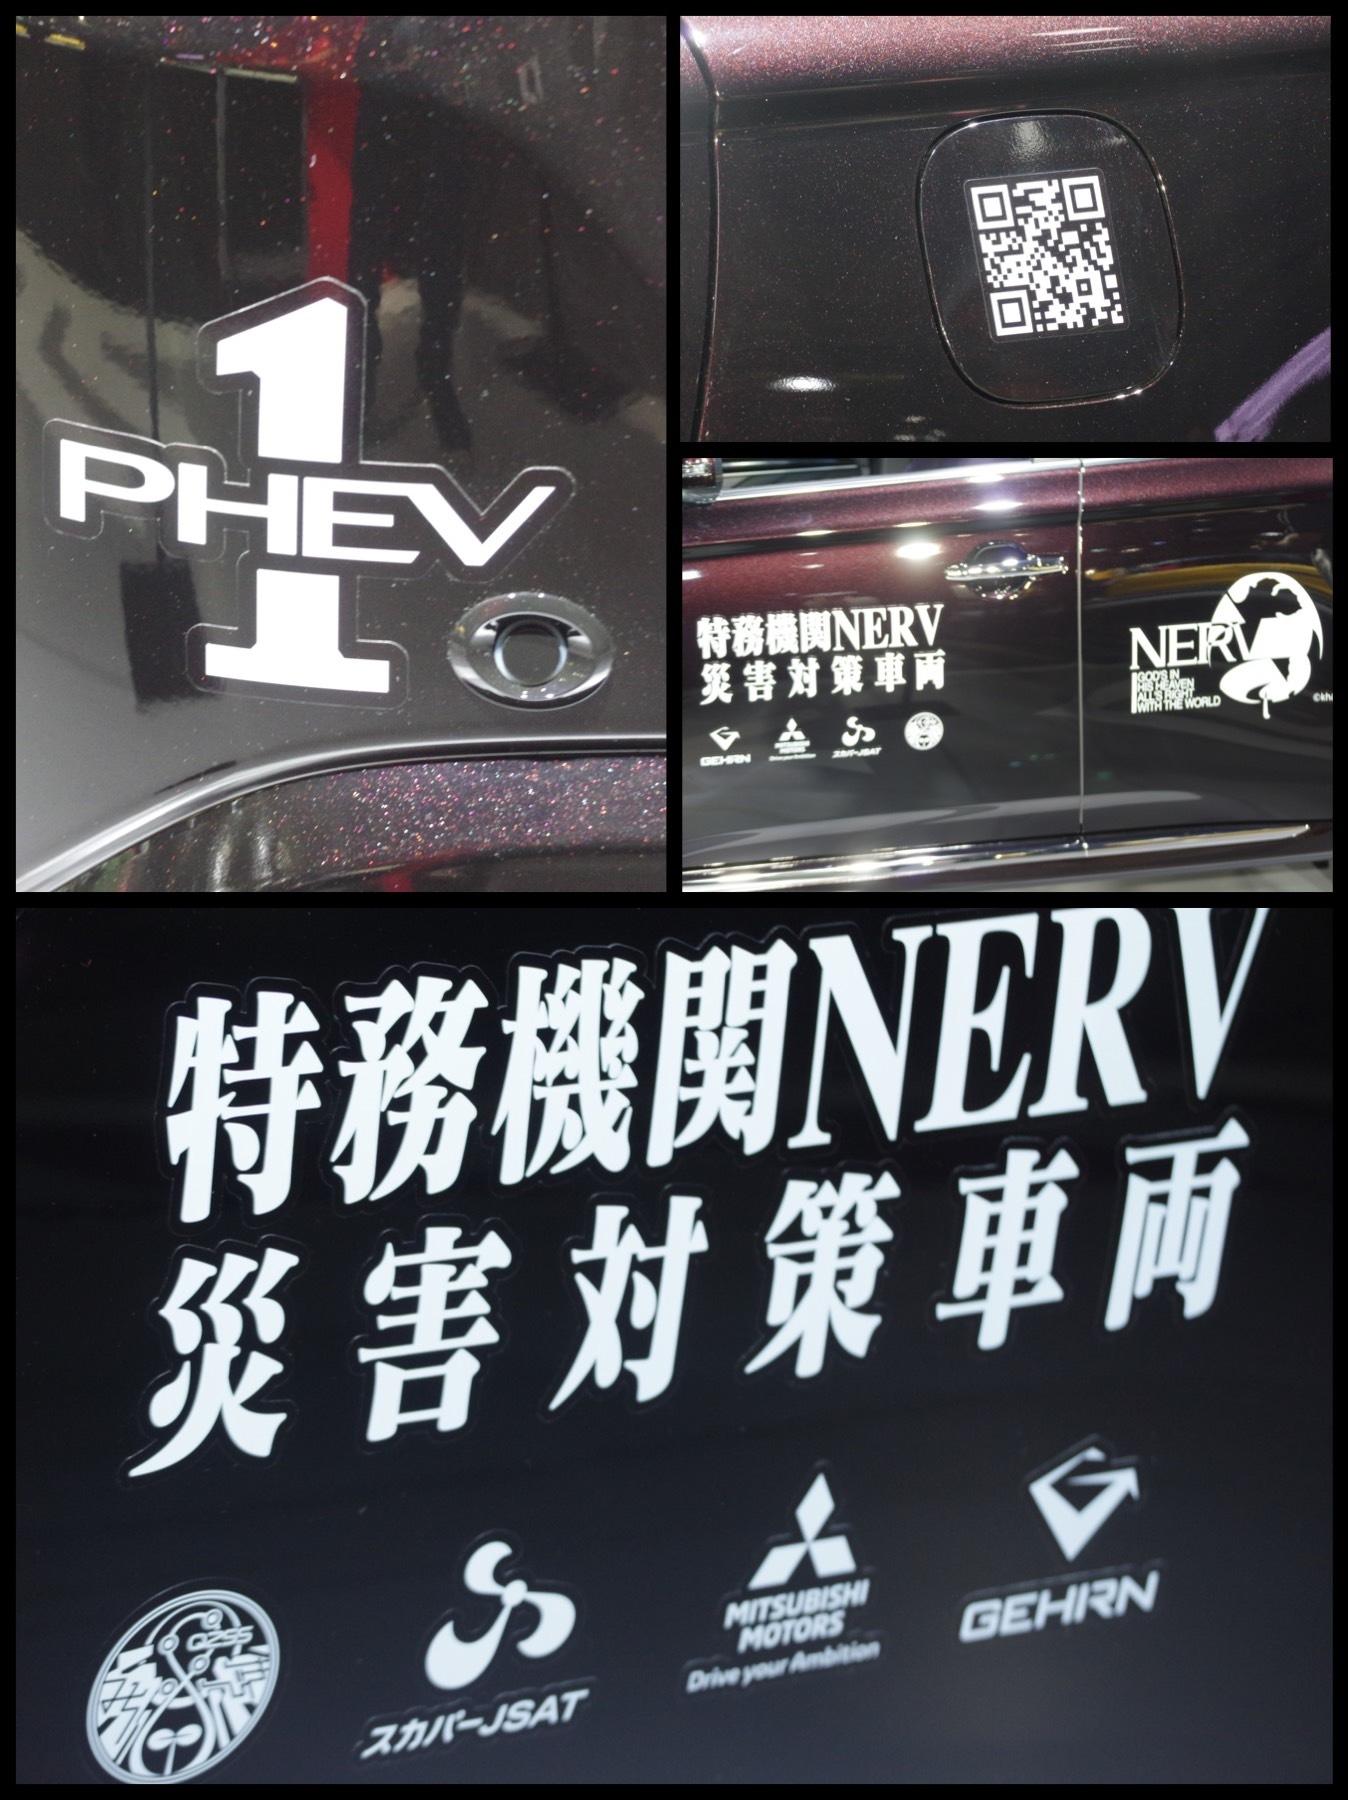 『アウトランダーPHEV』特務機関NERV仕様